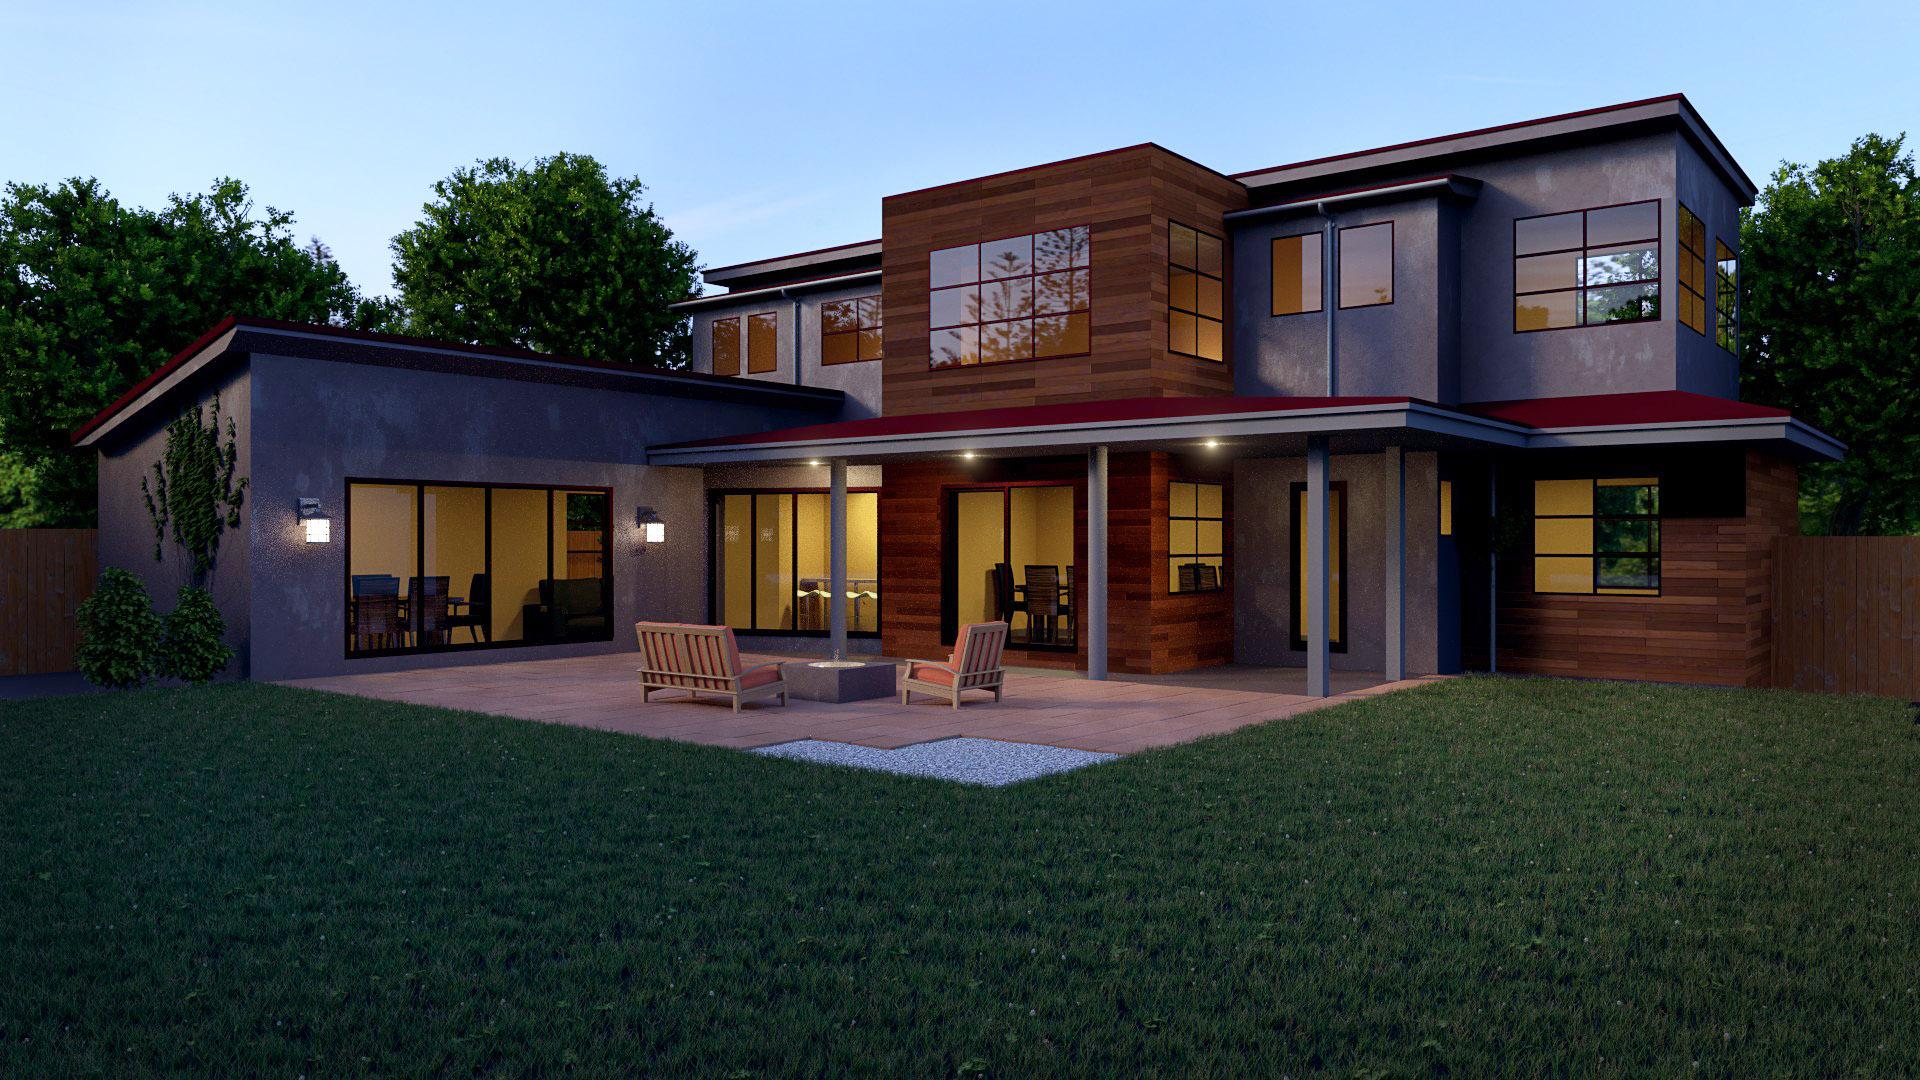 blender exterior arquitectura casa moderna